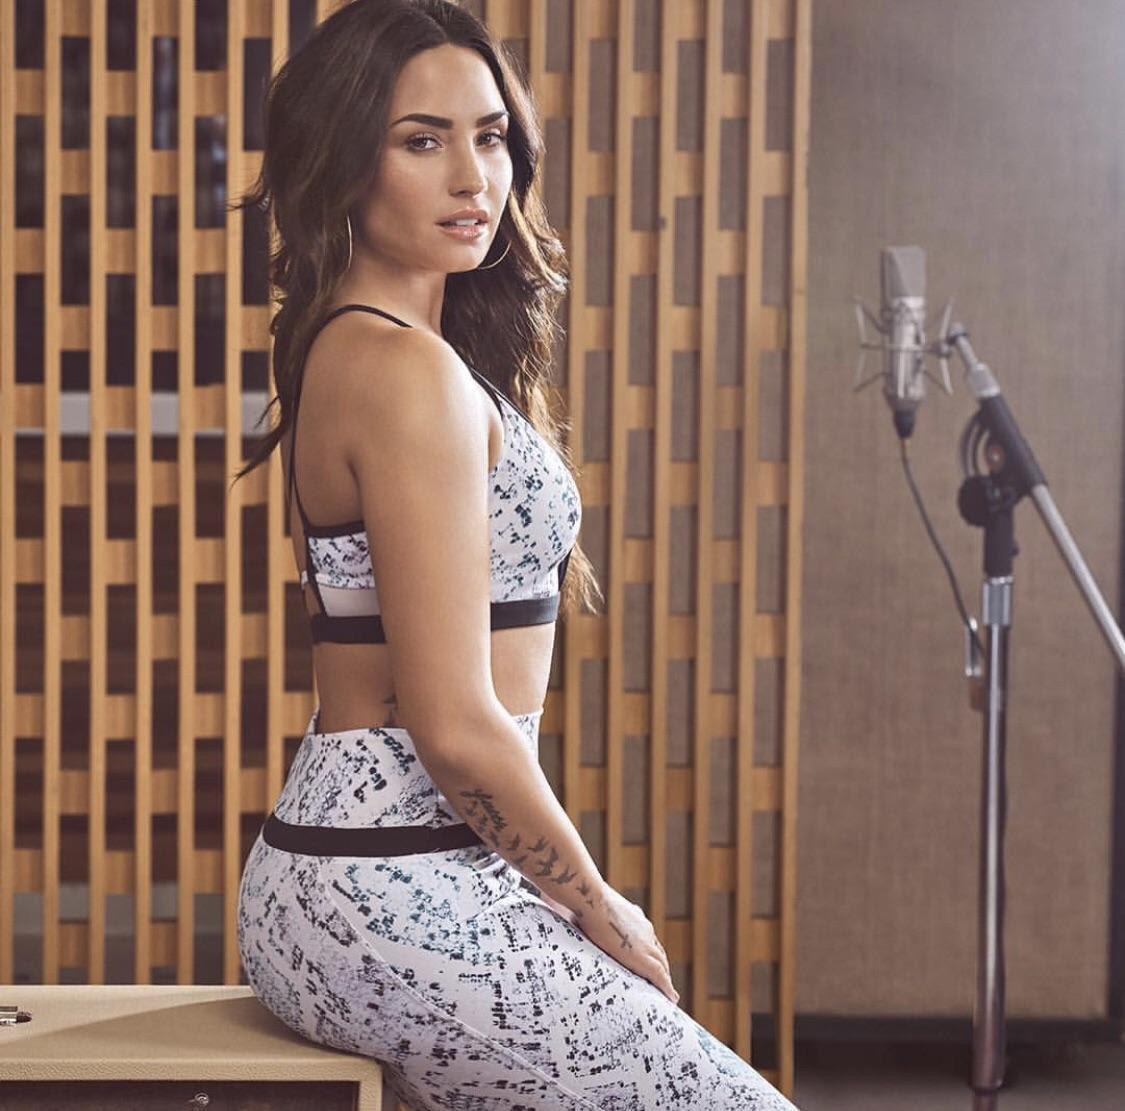 Demi Lovato Hot Personal Pics